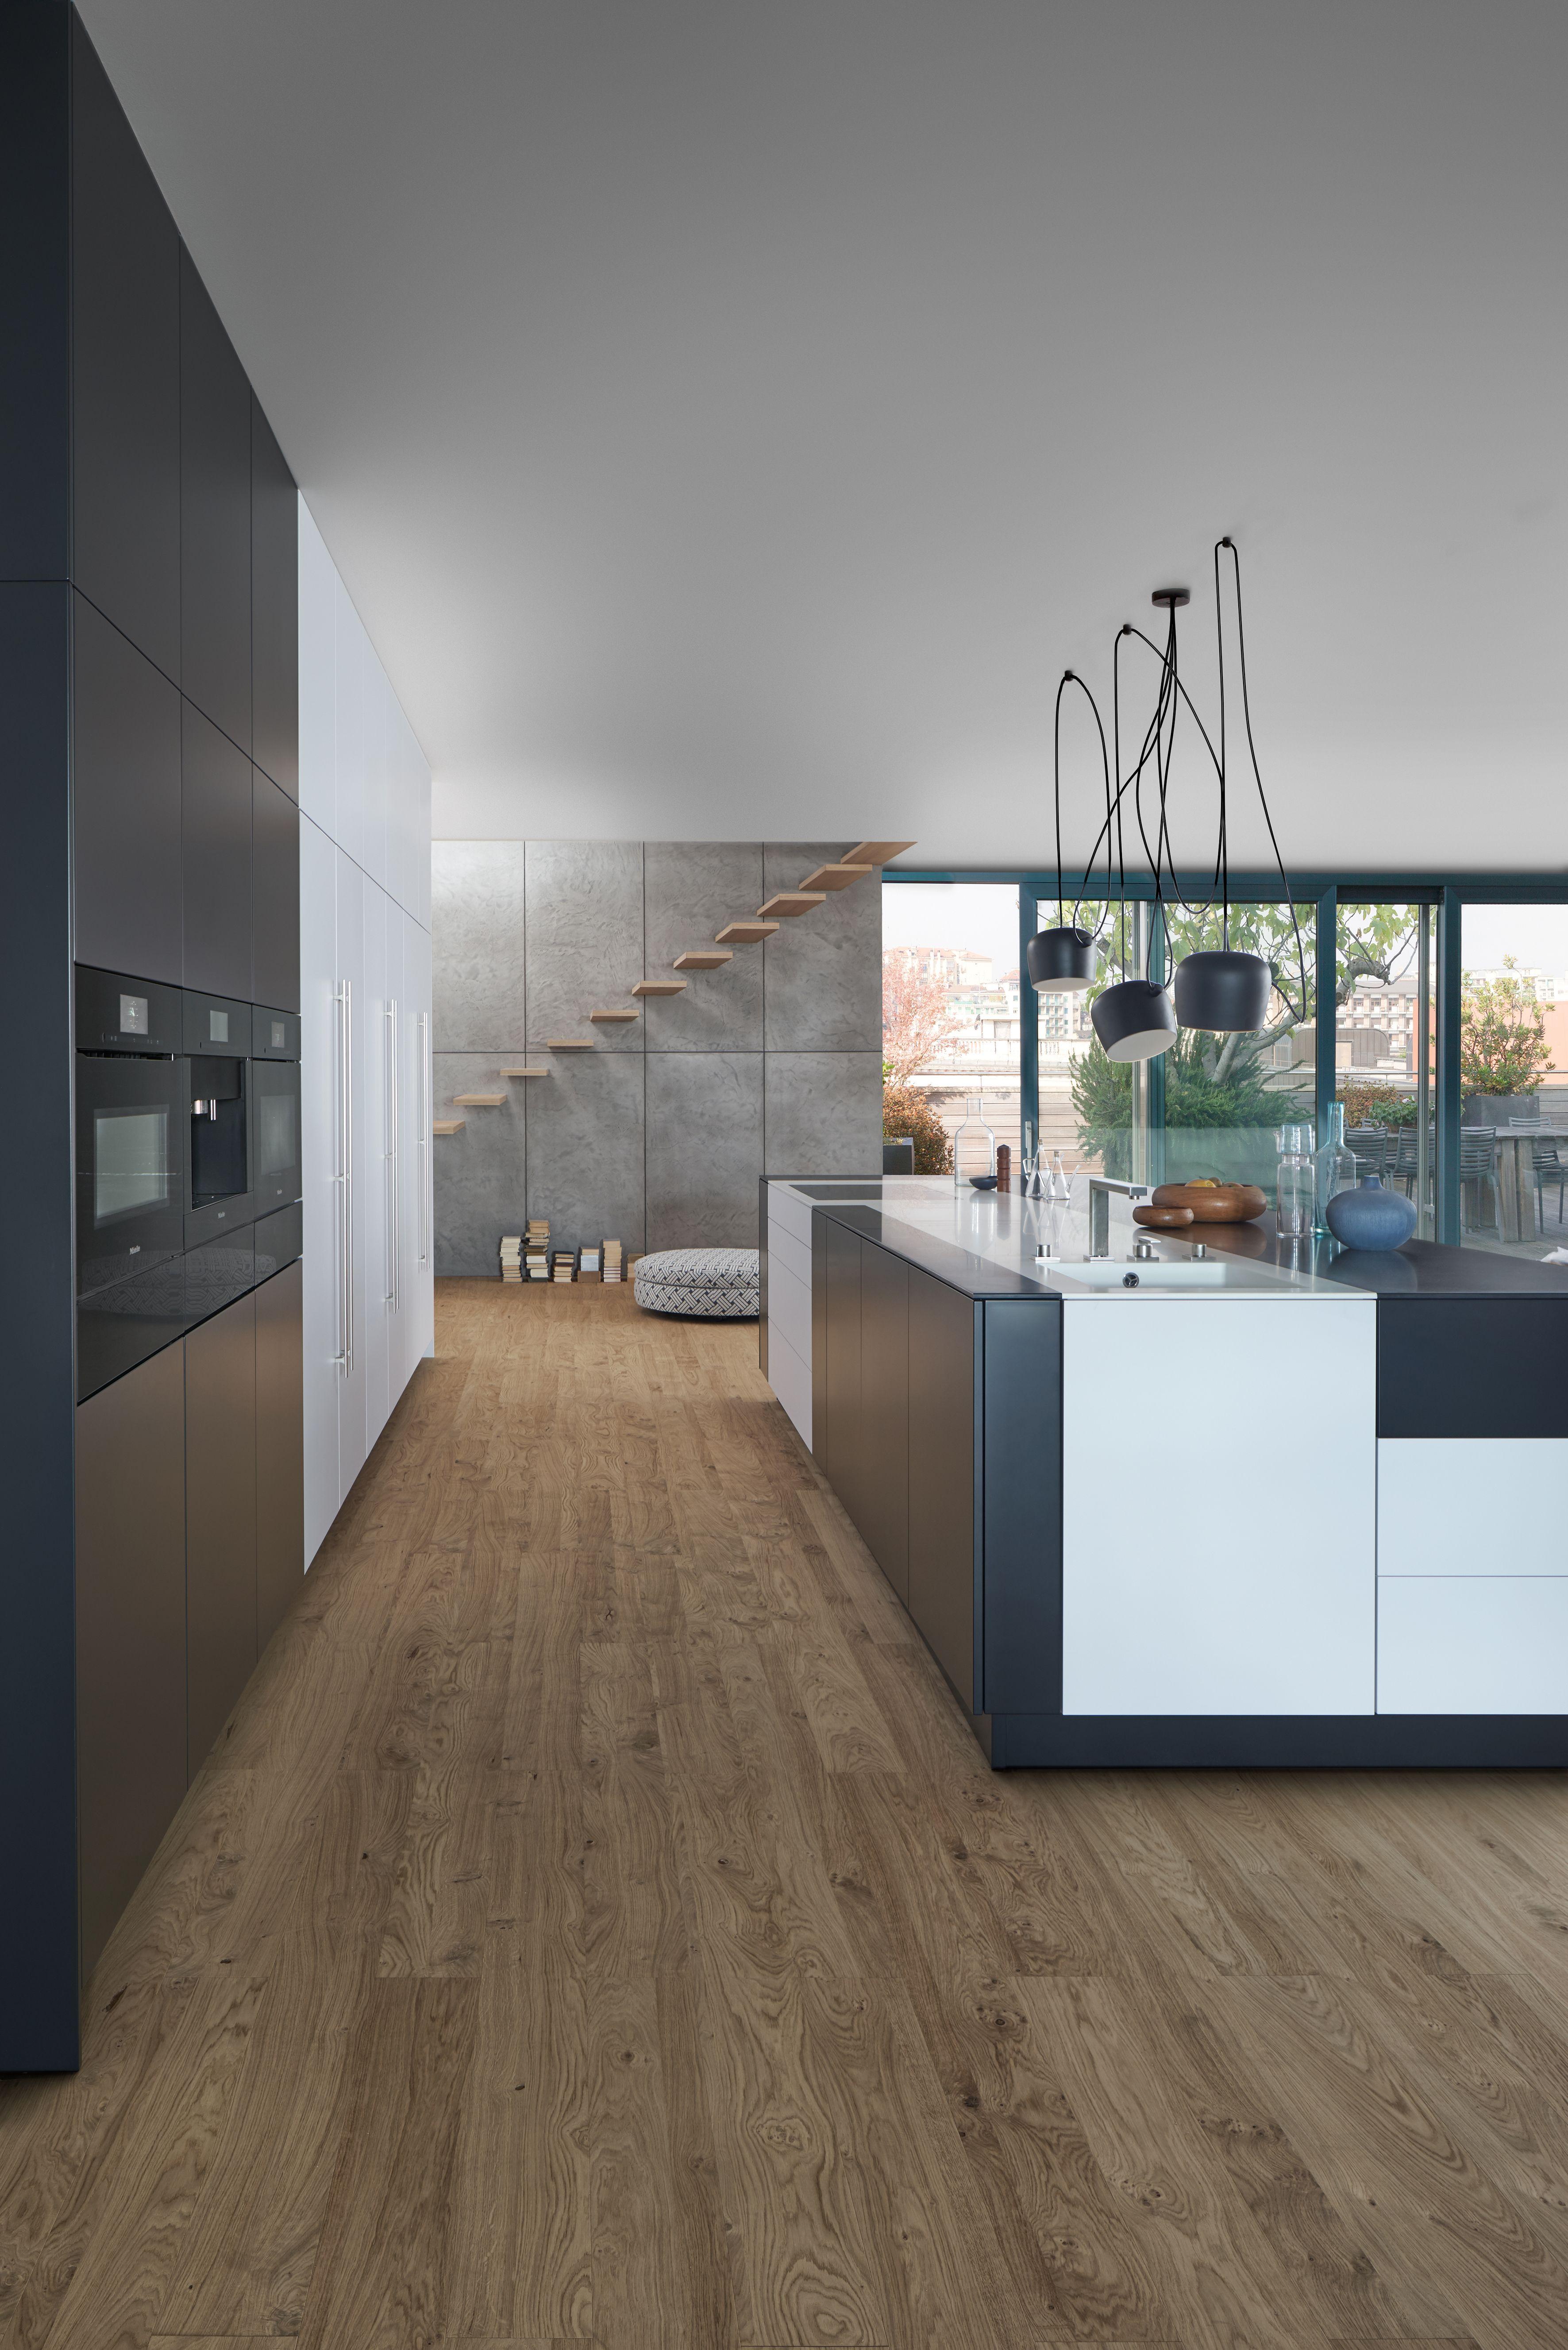 U küchendesign-ideen küche mit holzboden  bilder u ideen von küchen mit parkett und